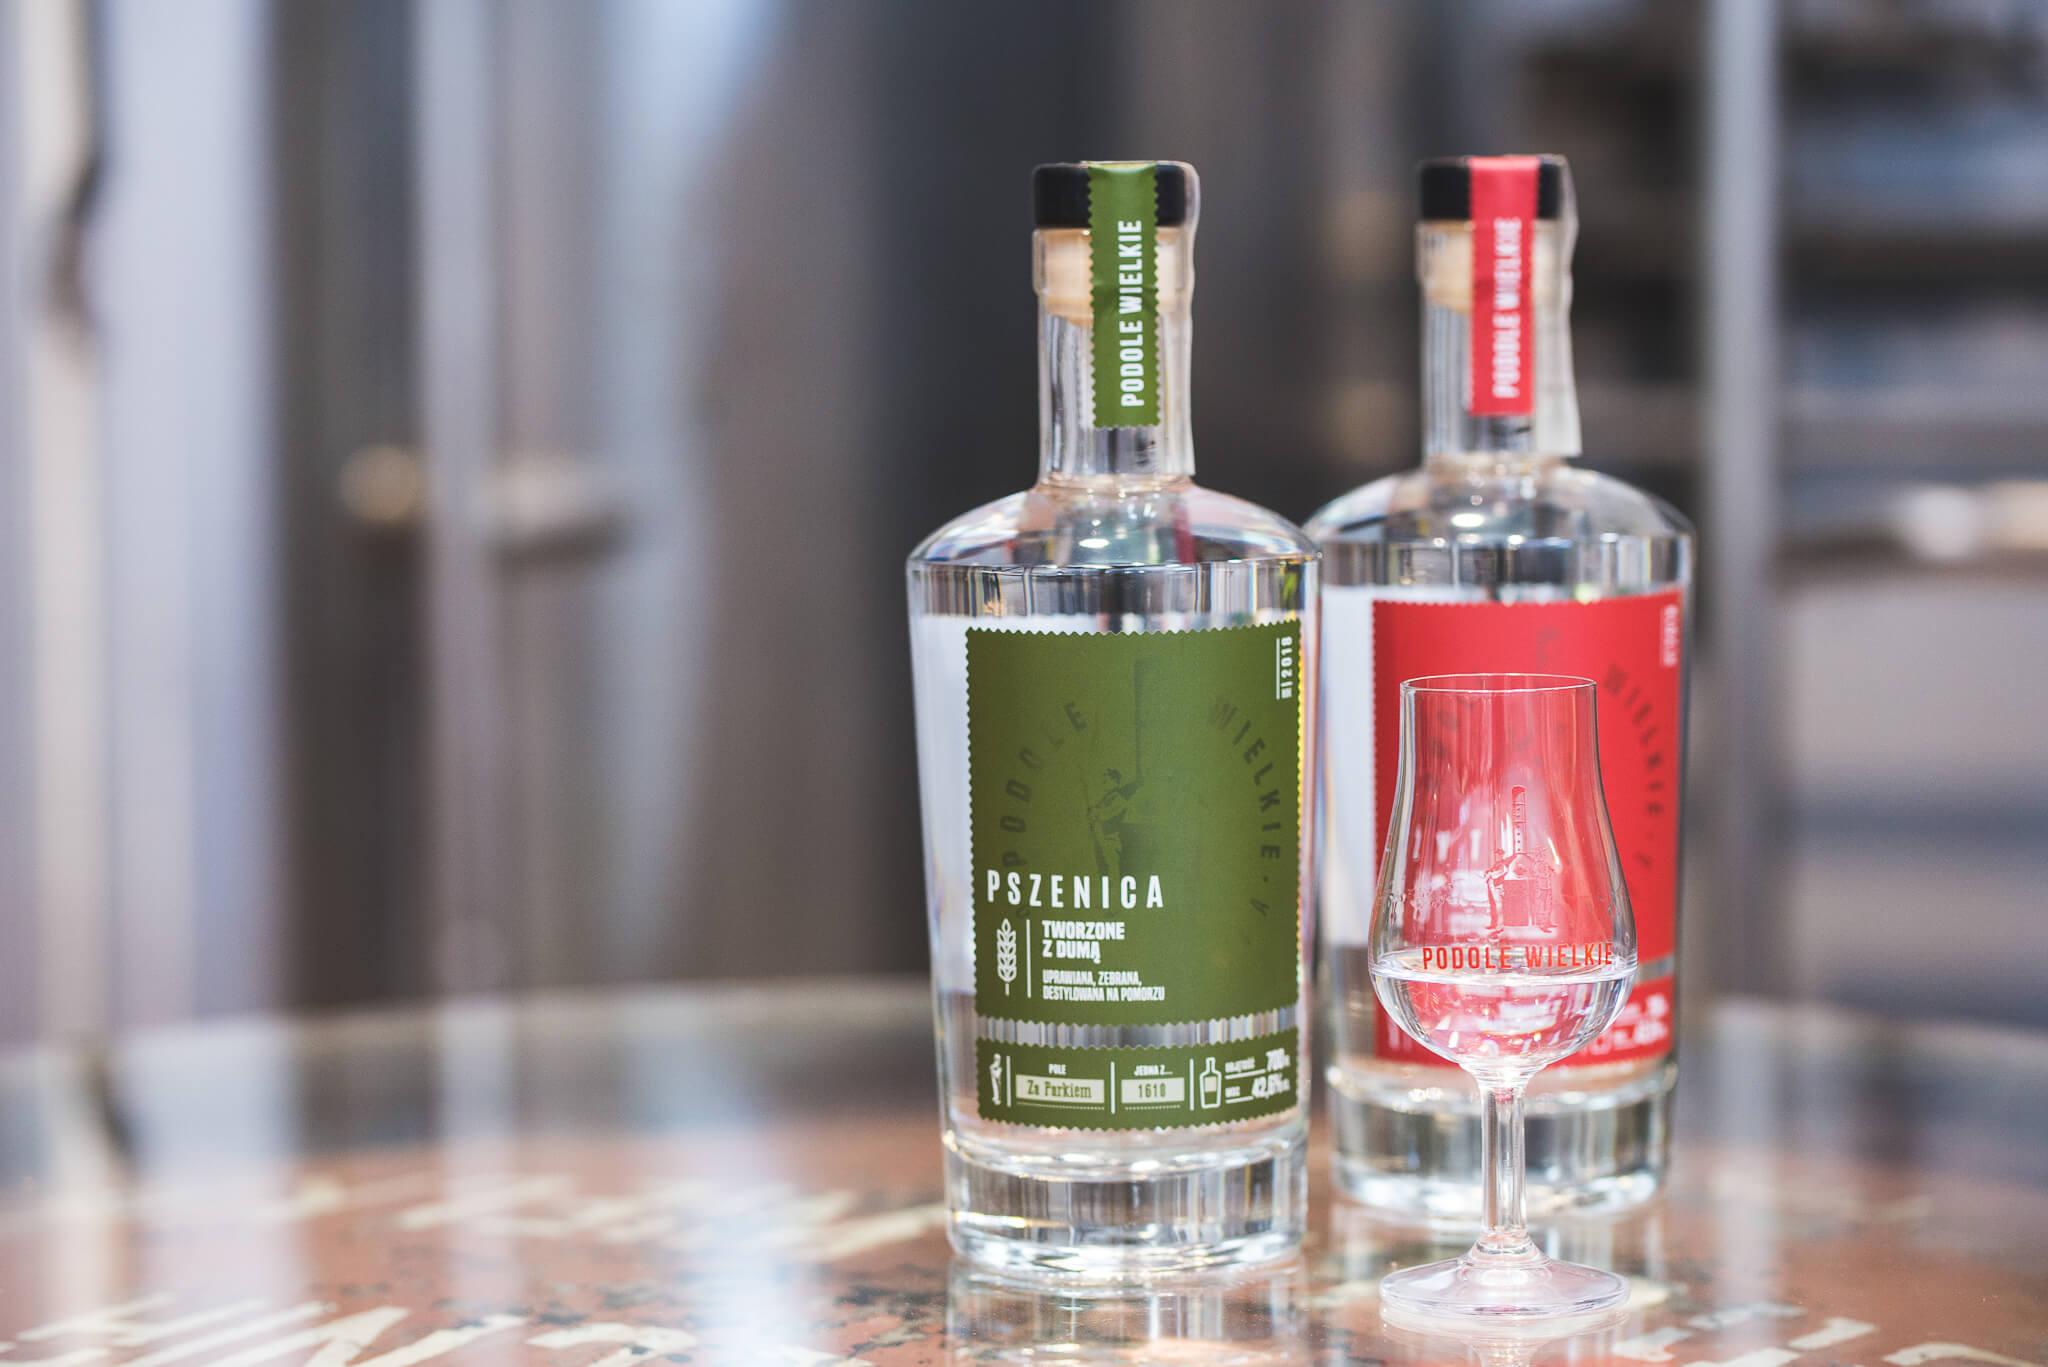 Gorzelnia Podole Wielkie 21 1 - Podole Wielkie. A distillery found on tradition